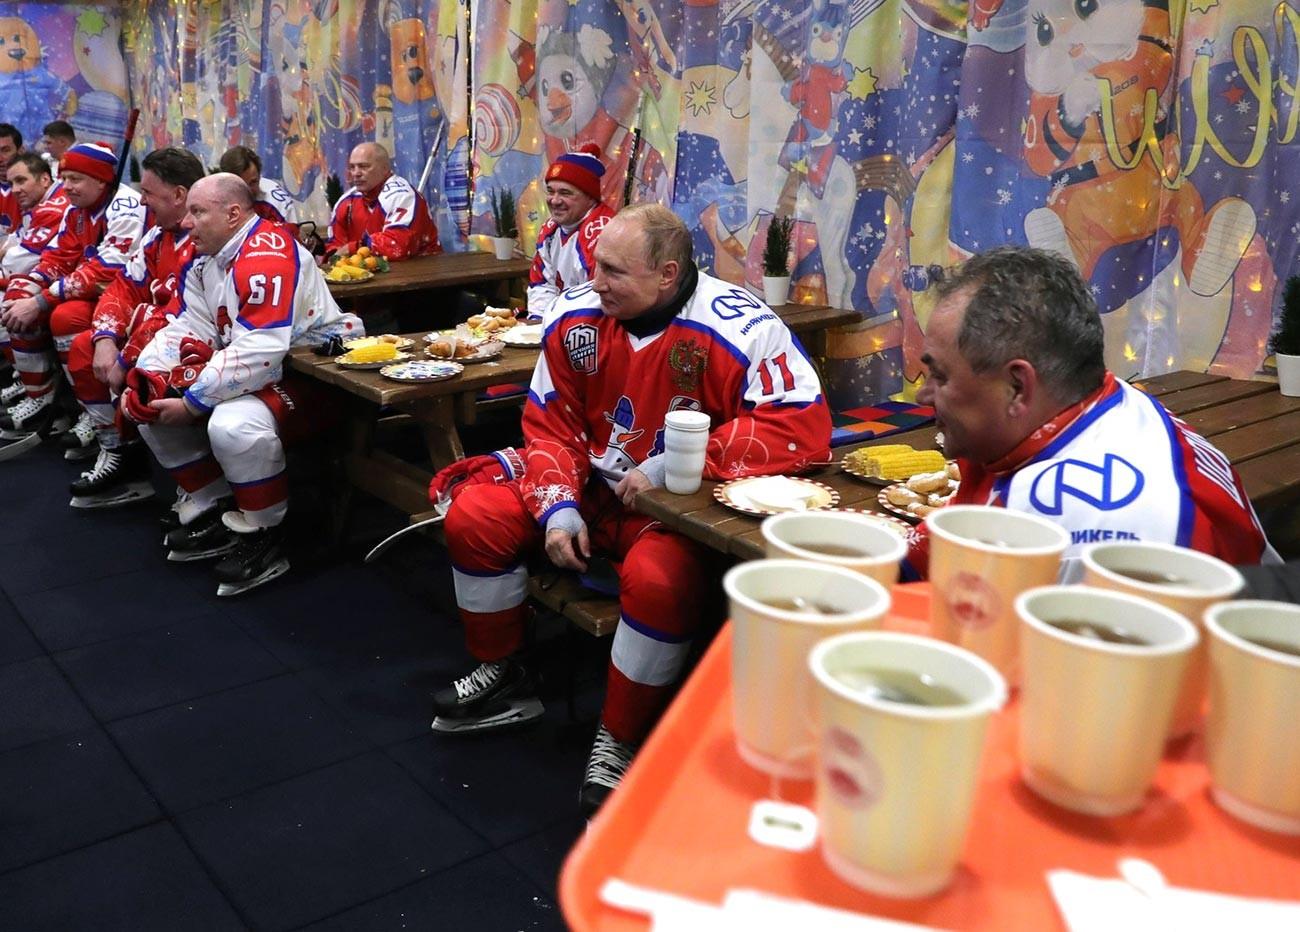 Vladimir Poutine prend part à un match amical de la Night Hockey League (NHL, Ligue de hockey de nuit) sur la place Rouge